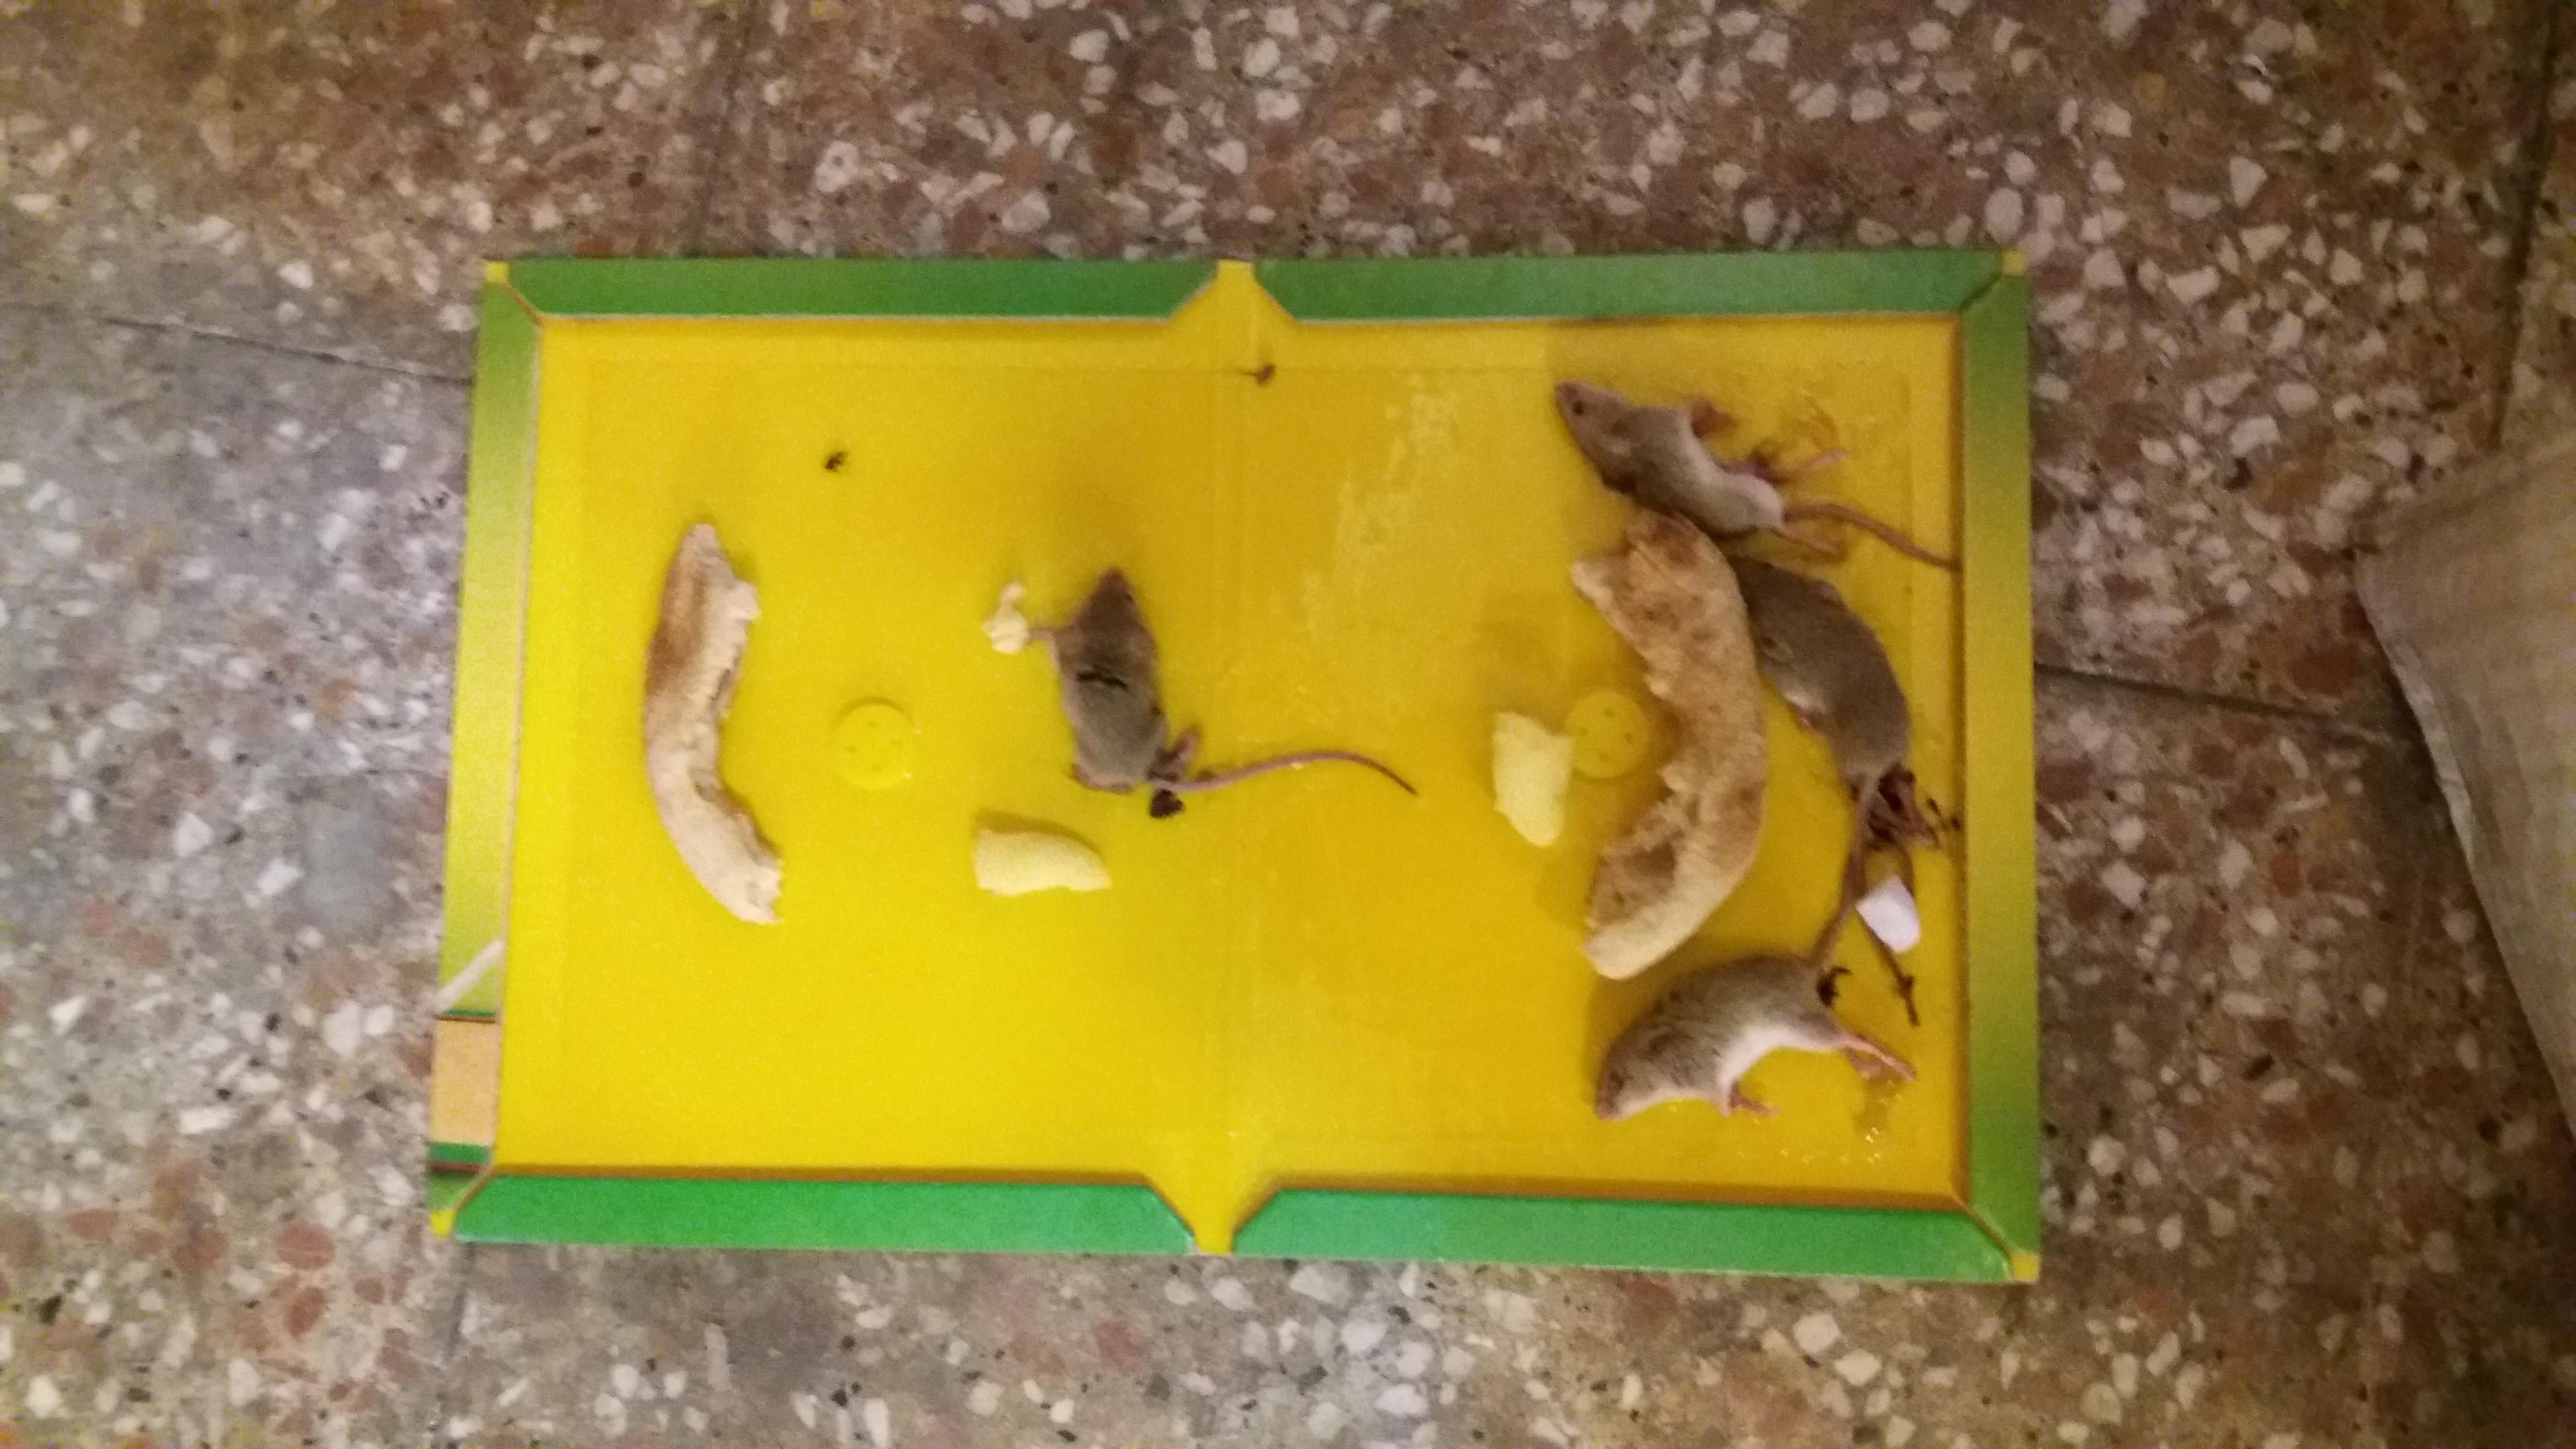 سمپاشی حیوانات،سمپاشی،سمپاشی جوندگان،سمپاشی موش،سمپاشا منازل،طعمه گذاری موش